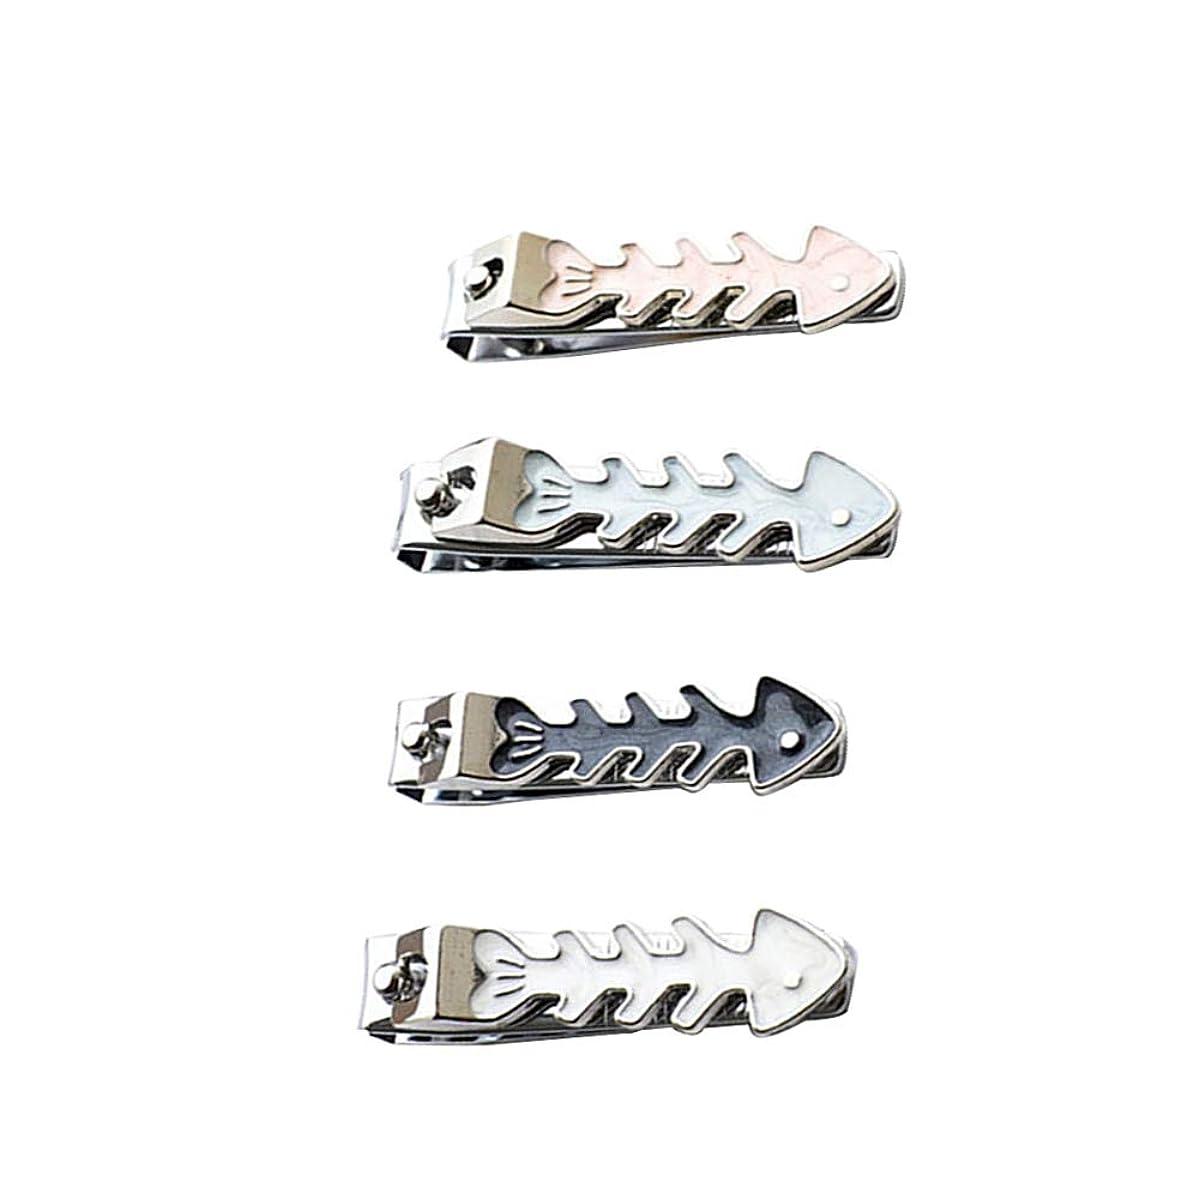 開発いたずら新着アーク口爪切り漫画の爪切り魚の骨の形の爪切り携帯便利男女兼用爪切り、ランダムな色